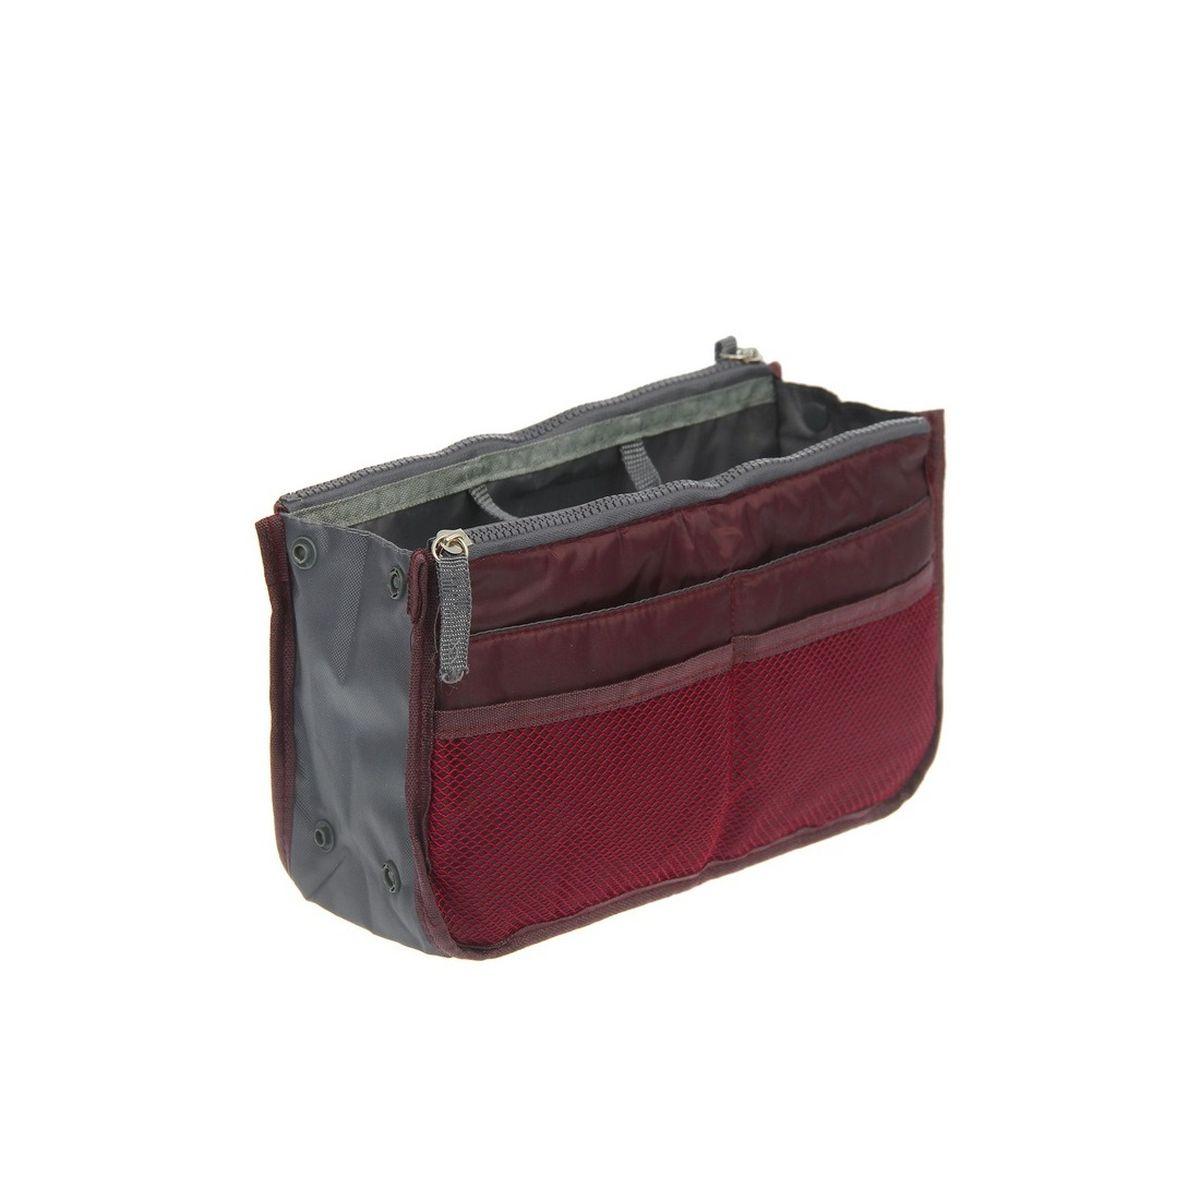 Органайзер для сумки Homsu, цвет: кофейный, 30 x 8,5 x 18,5 смHOM-143Этот органайзер для сумки благодаря трем вместительным отделениям для вещей, четырем кармашкам по бокам и шести кармашкам в виде сетки обеспечит полный порядок в вашей сумке. Кроме того, изделие обладает интересным стилем, выполнено в коричневом цвете и оснащёно двумя крепкими ручками, что позволяет применять его и вне сумки, как отдельный аксессуар. Фактический цвет может отличаться от заявленного.